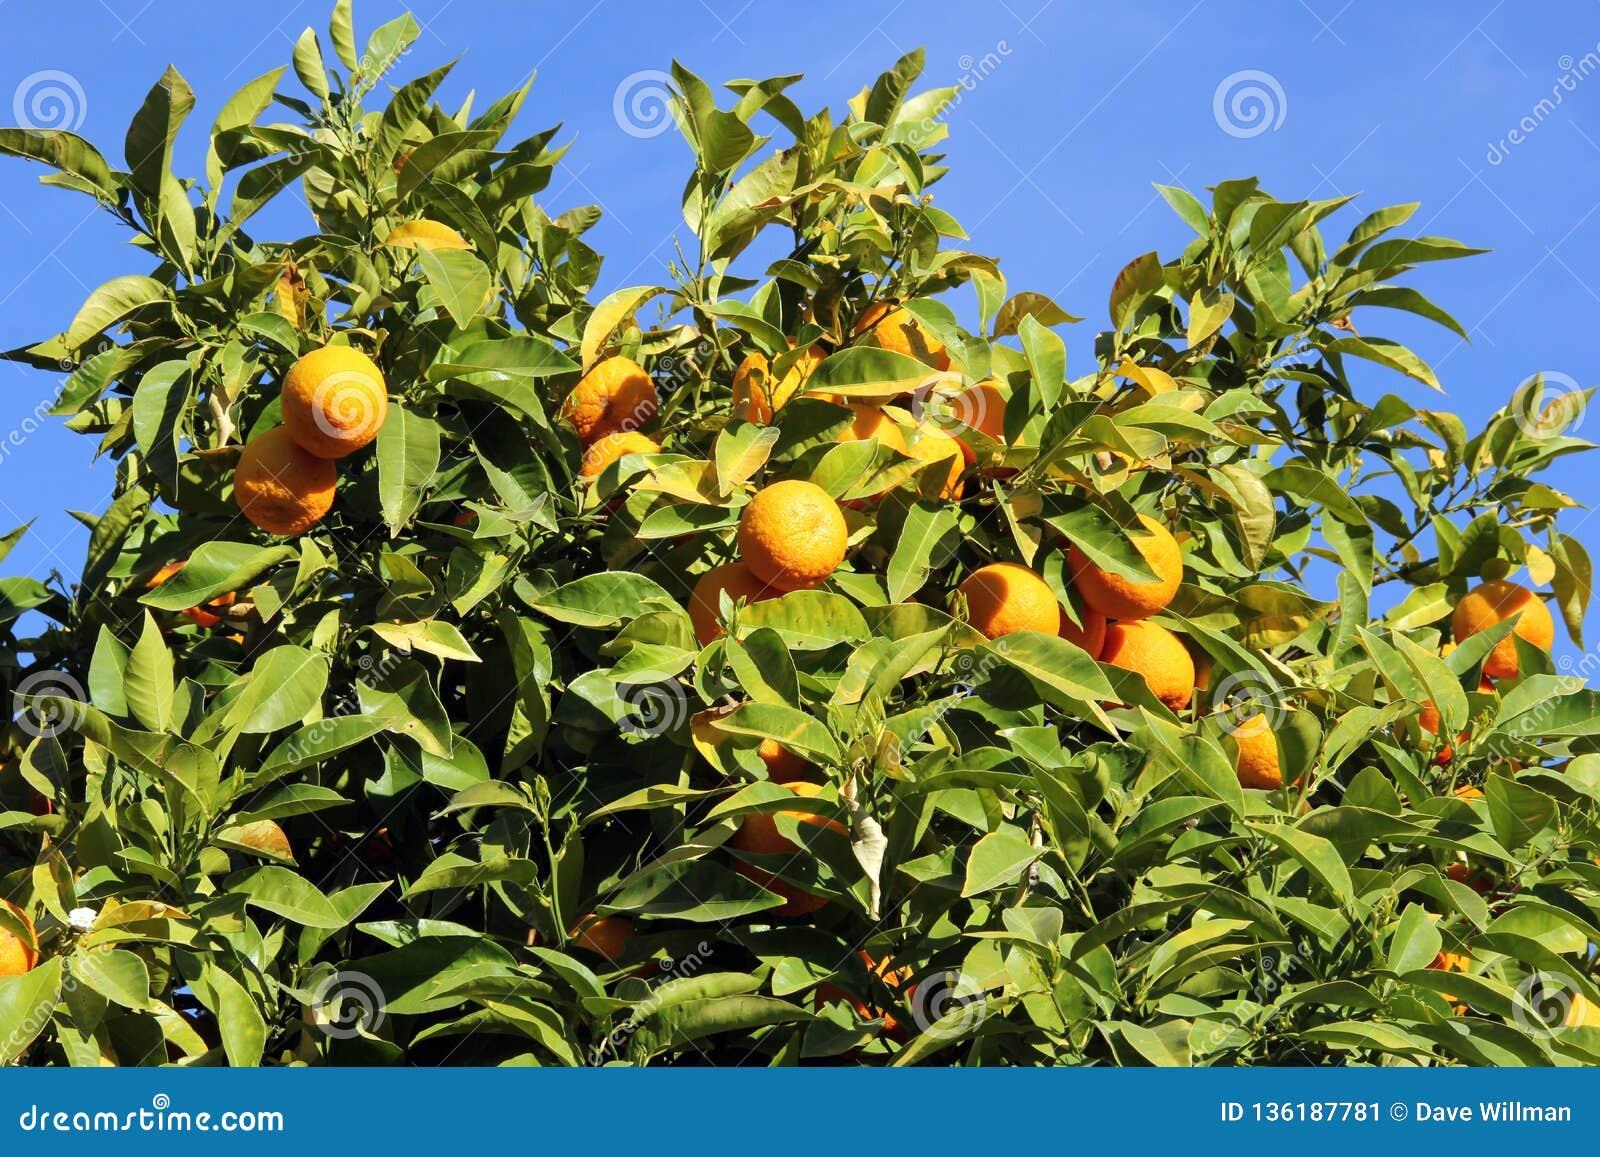 Naranjas maduras en un árbol frutal